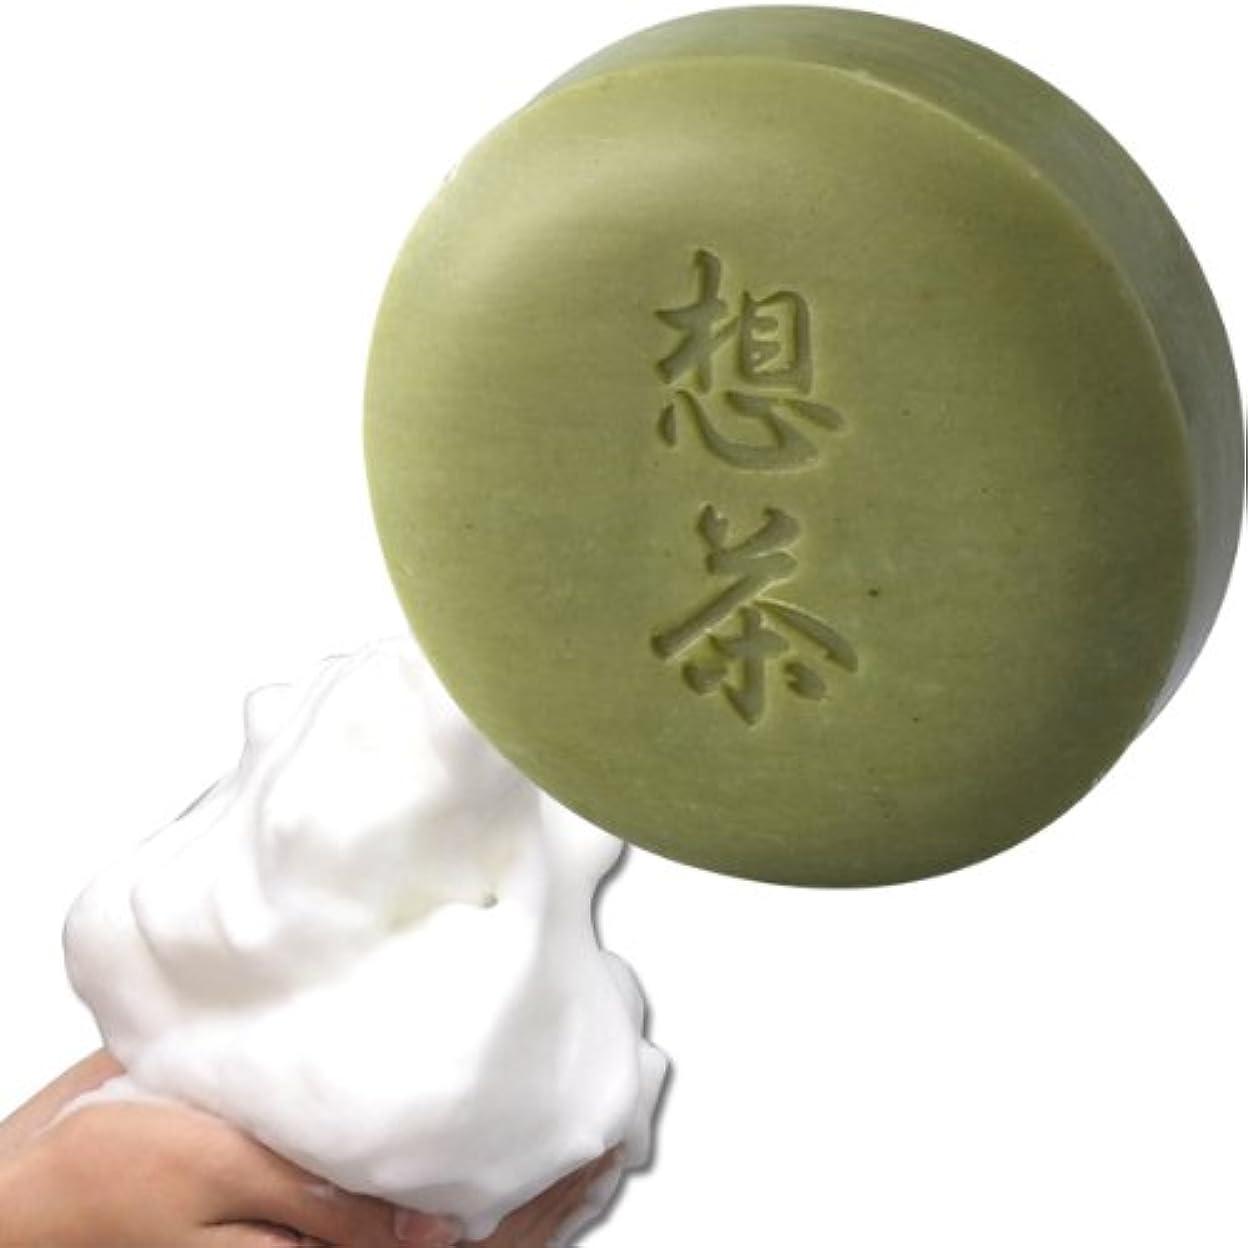 試みる回答重なる想茶石鹸 100g(お茶屋さんが作ったお茶石鹸)